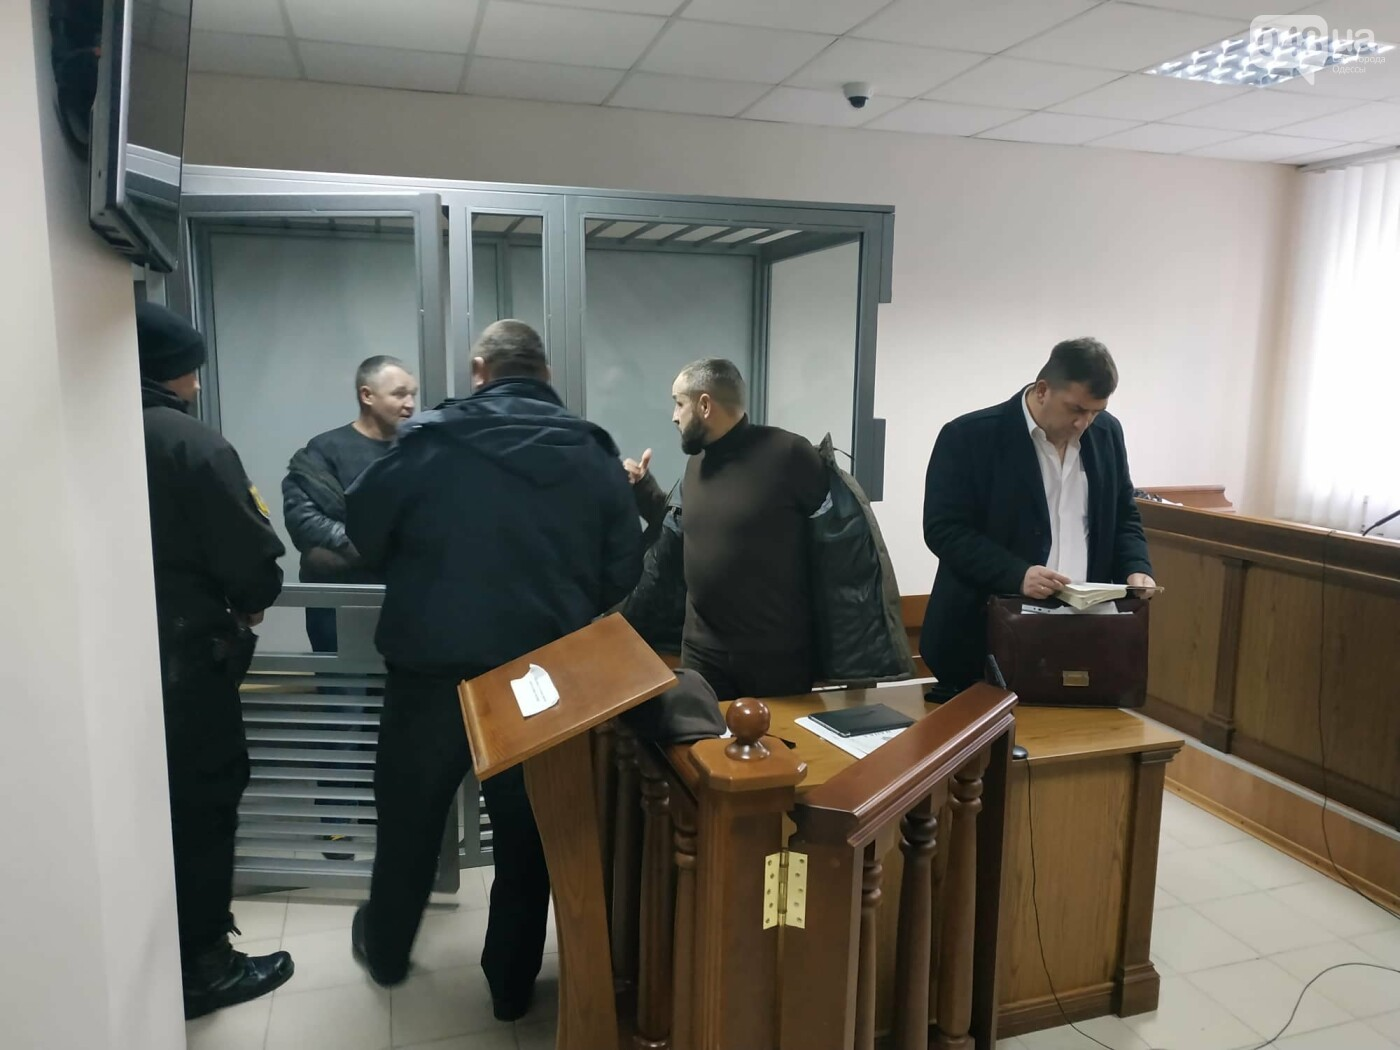 Процесс по делу одесского экс-милиционера, обвиняемого в изнасиловании, затягивается , фото-5